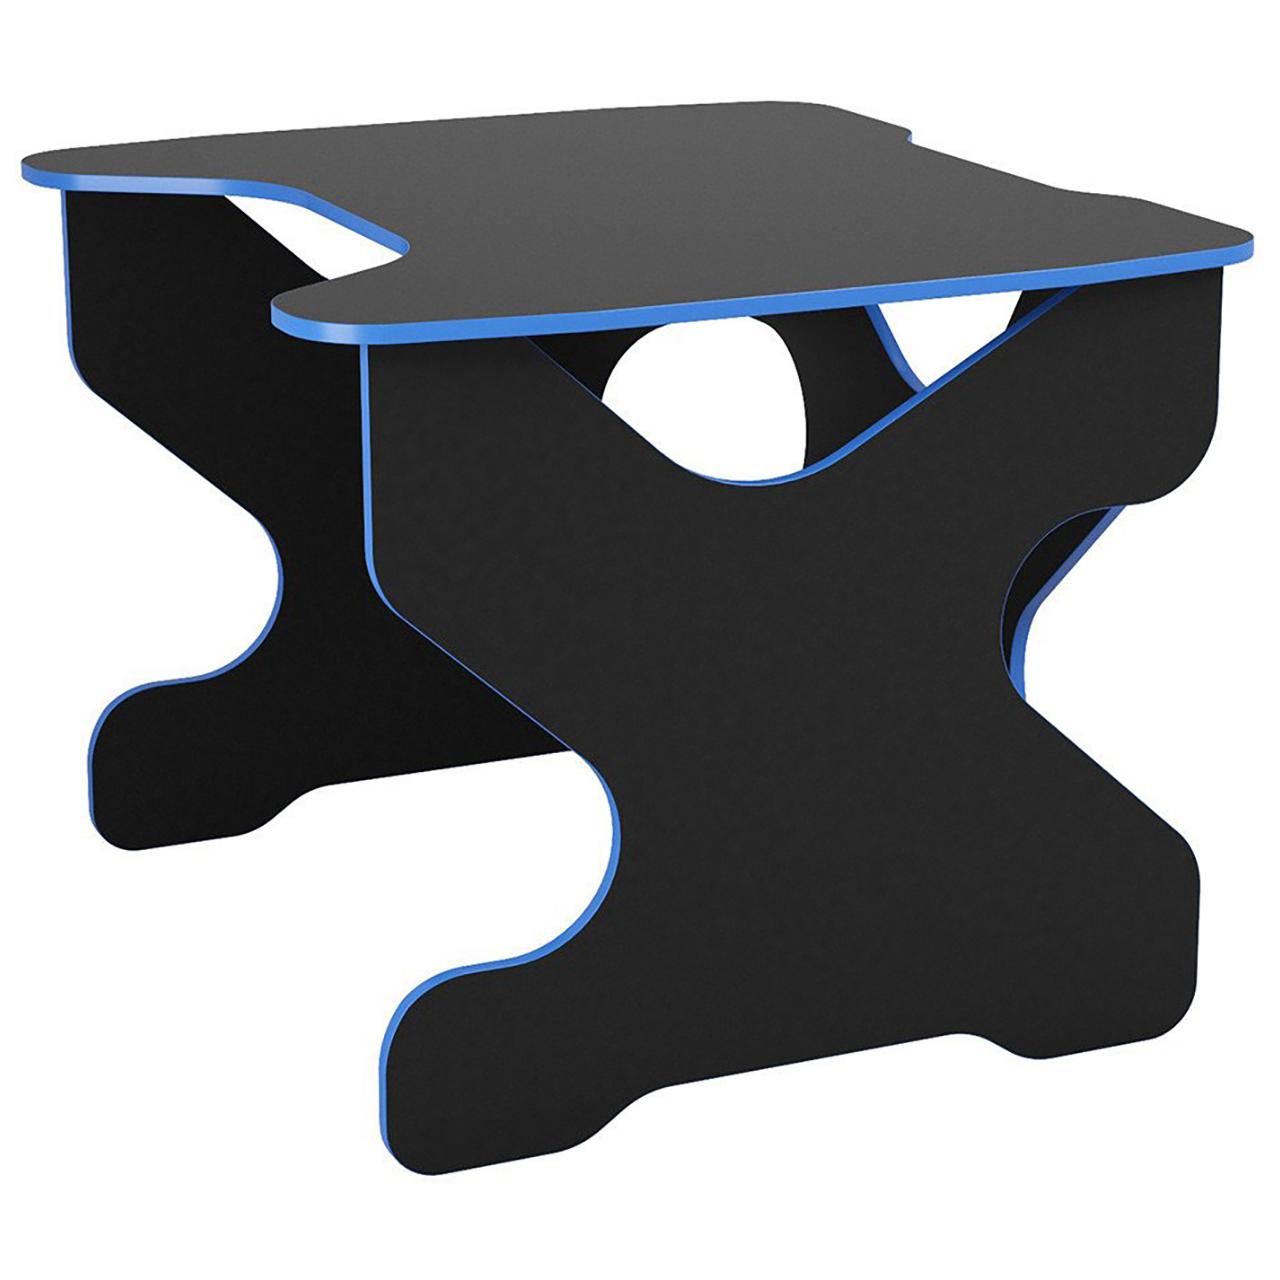 Компьютерный стол Ивент Синий/Черный